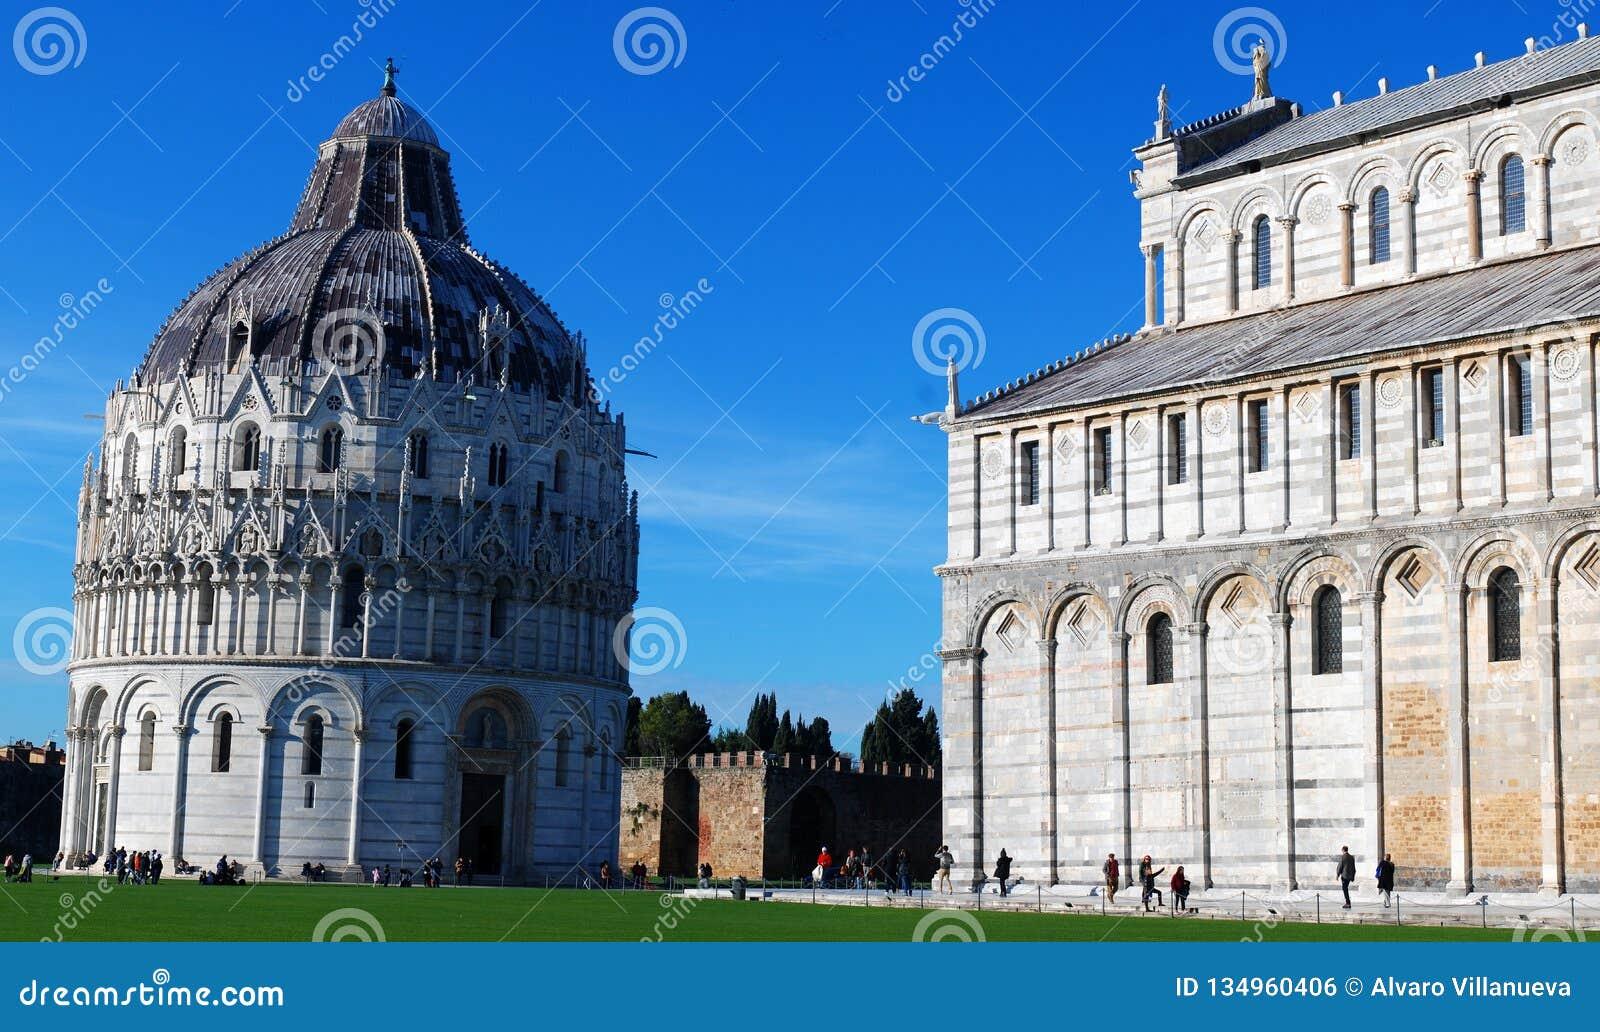 Baptistery Of St. John Battistero Di Pisa In Pisa, Italy ...